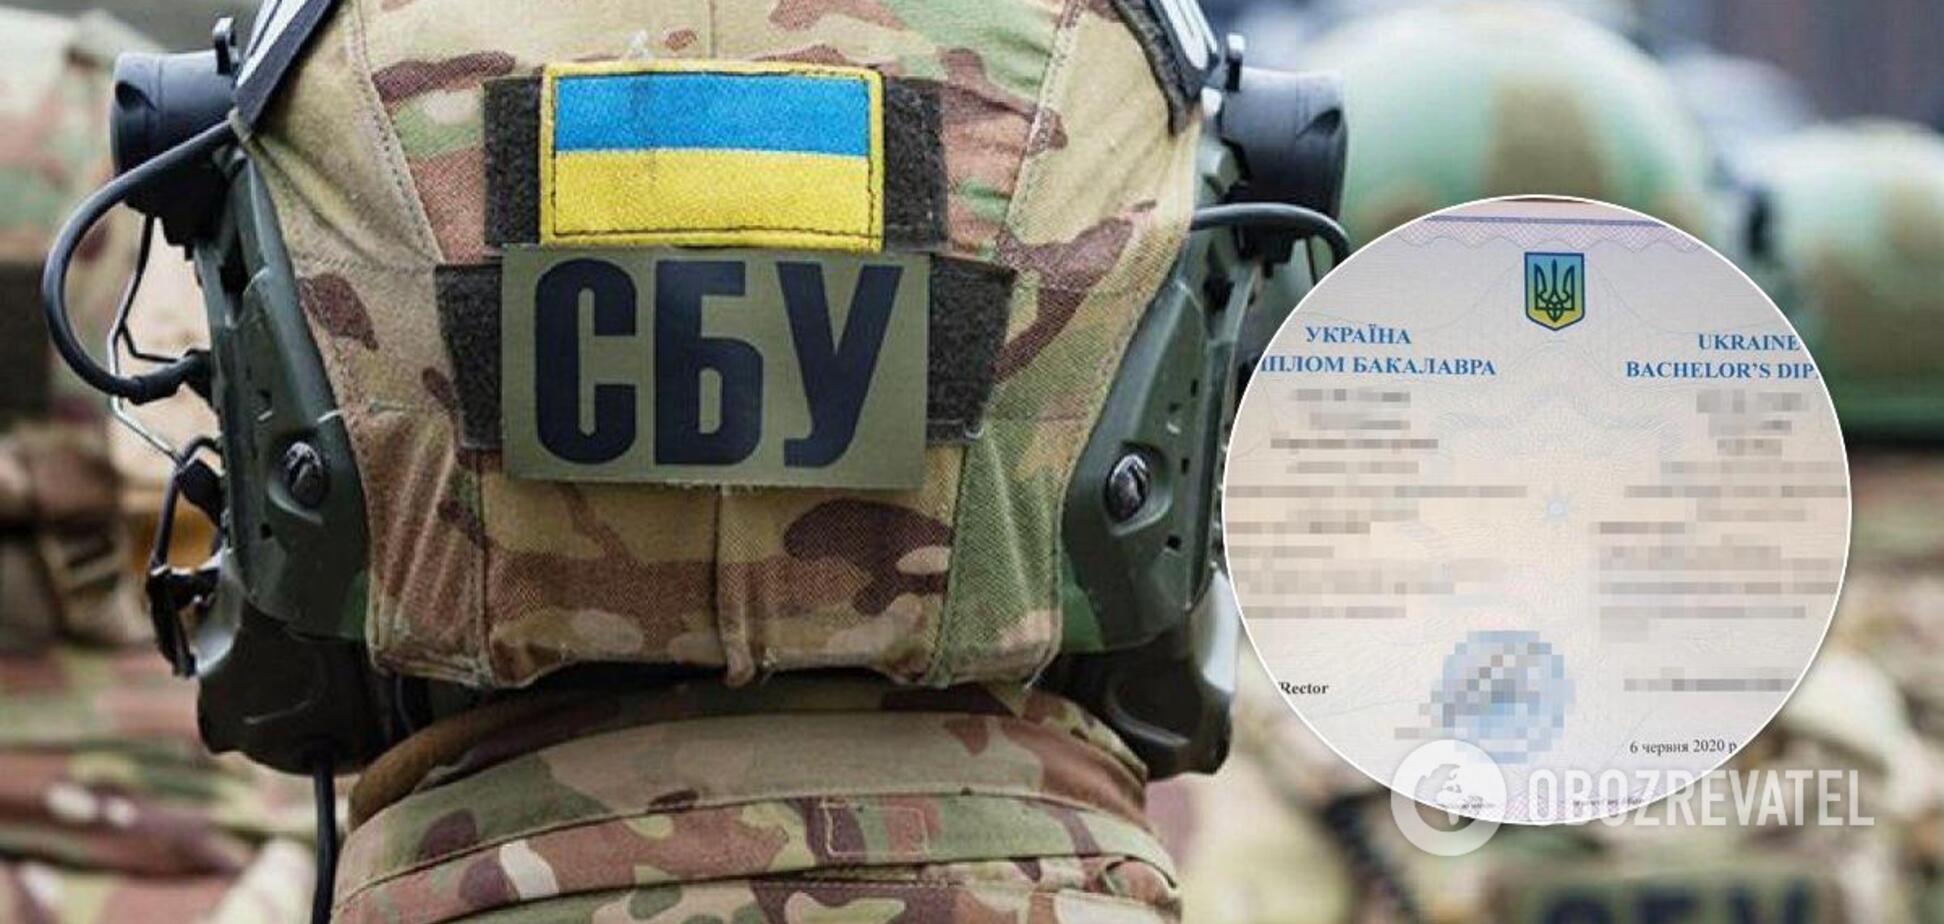 Терористи 'ДНР' купували дипломи для отримання високих звань